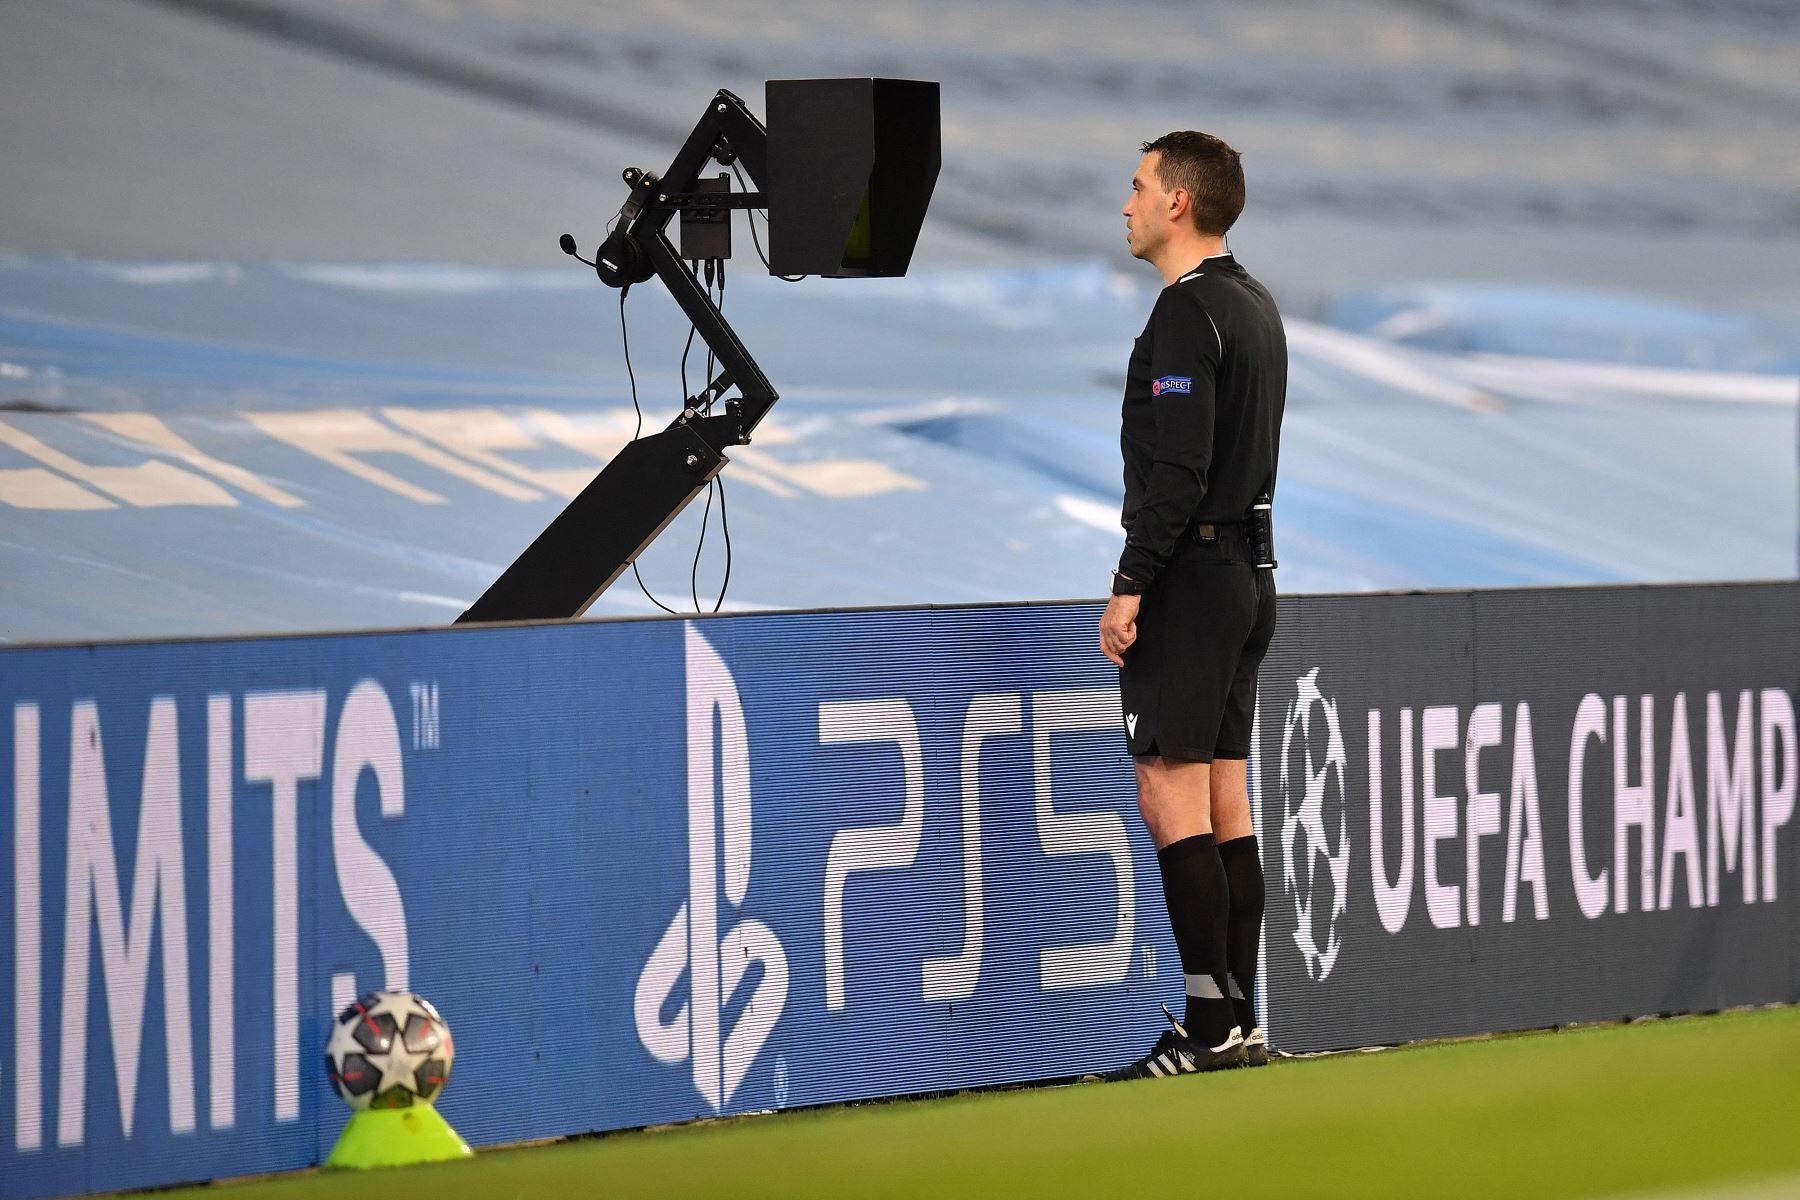 El árbitro Ovidiu Hategan revisa la pantalla del VAR antes de anular su decisión de penalti durante el partido de ida de cuartos de final de la UEFA Champions League. Foto: AFP